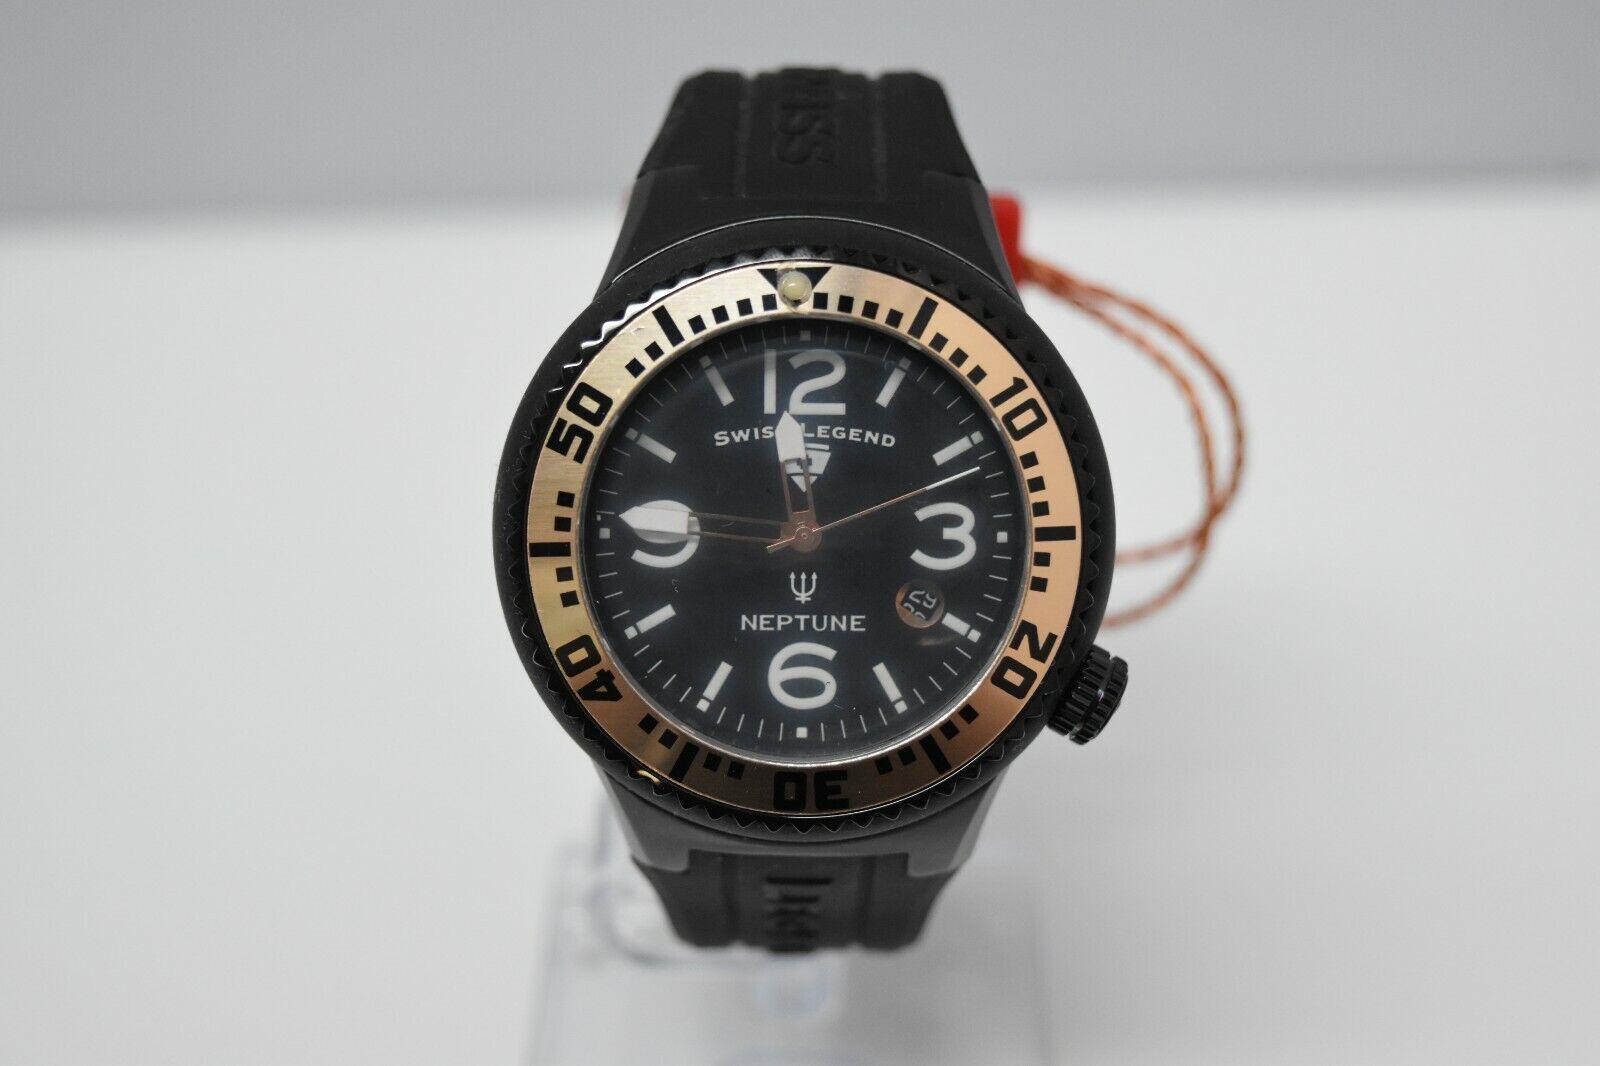 Swiss Legend Swiss Sapphitek 48mm SL-21848P Watch All Black/RG